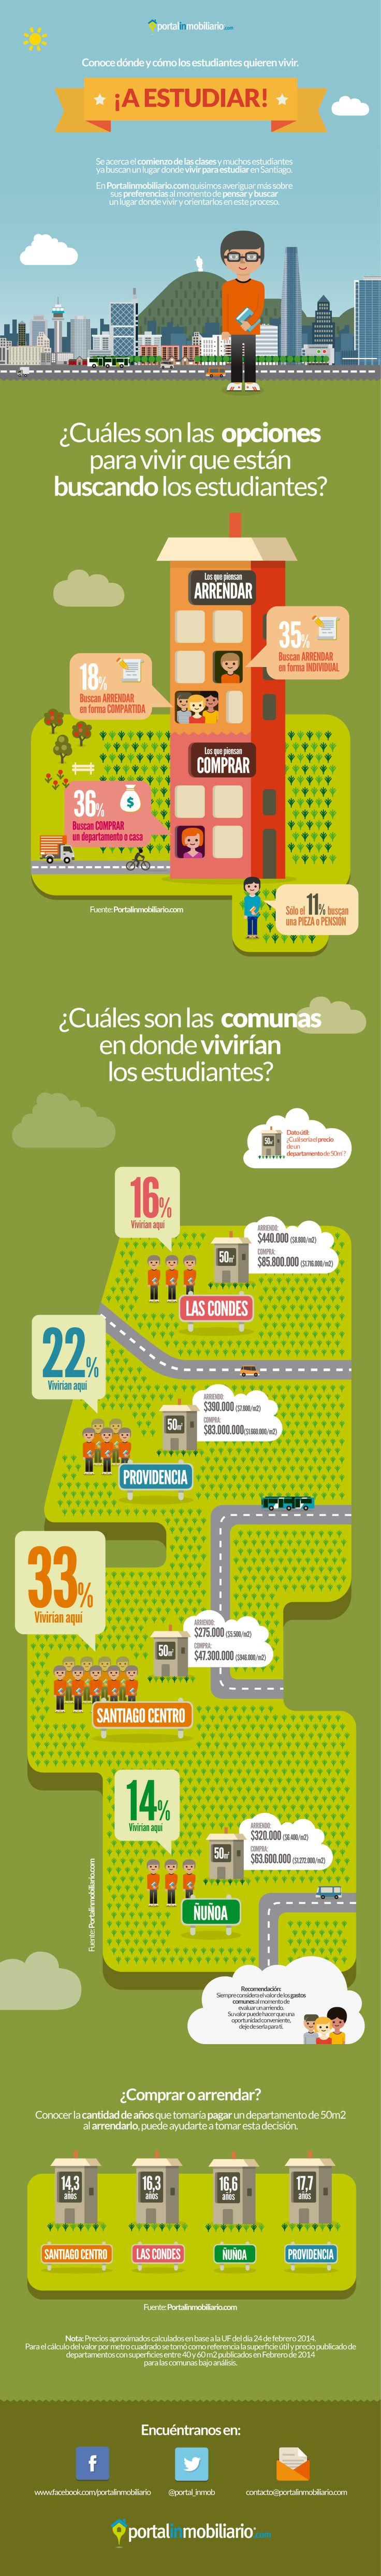 Conoce dónde y cómo los estudiantes quieren vivir en Santiago.  En Portalinmobiliario.com quisimos averiguar más sobre sus preferencias al momento de pensar y buscar un lugar donde vivir y orientarlos en este proceso.  http://www.portalinmobiliario.com/diario/noticia.asp?NoticiaID=20462